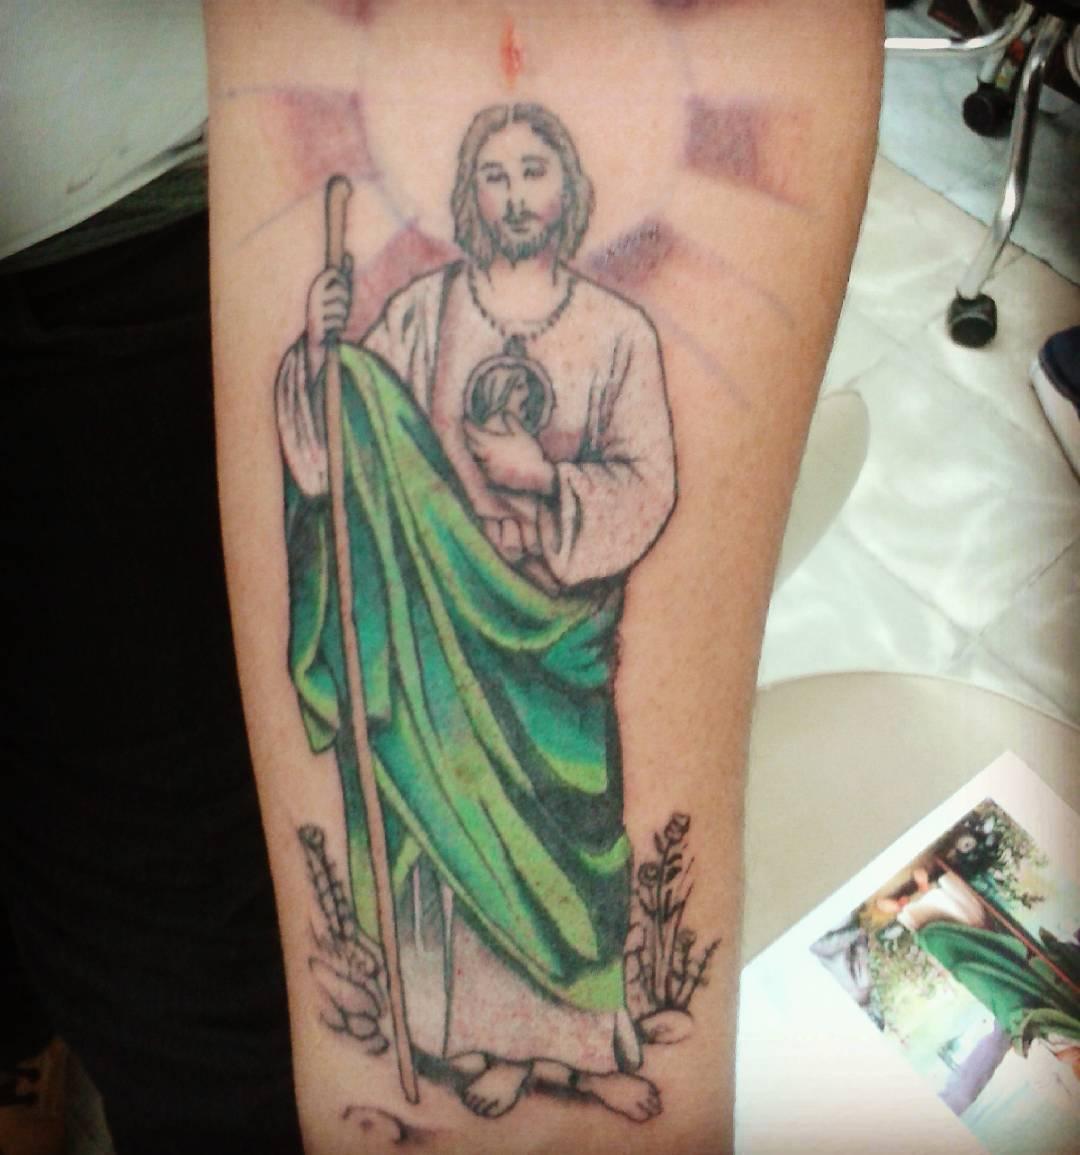 tatuajes sa judas tadeo 7 - tatuajes de san judas